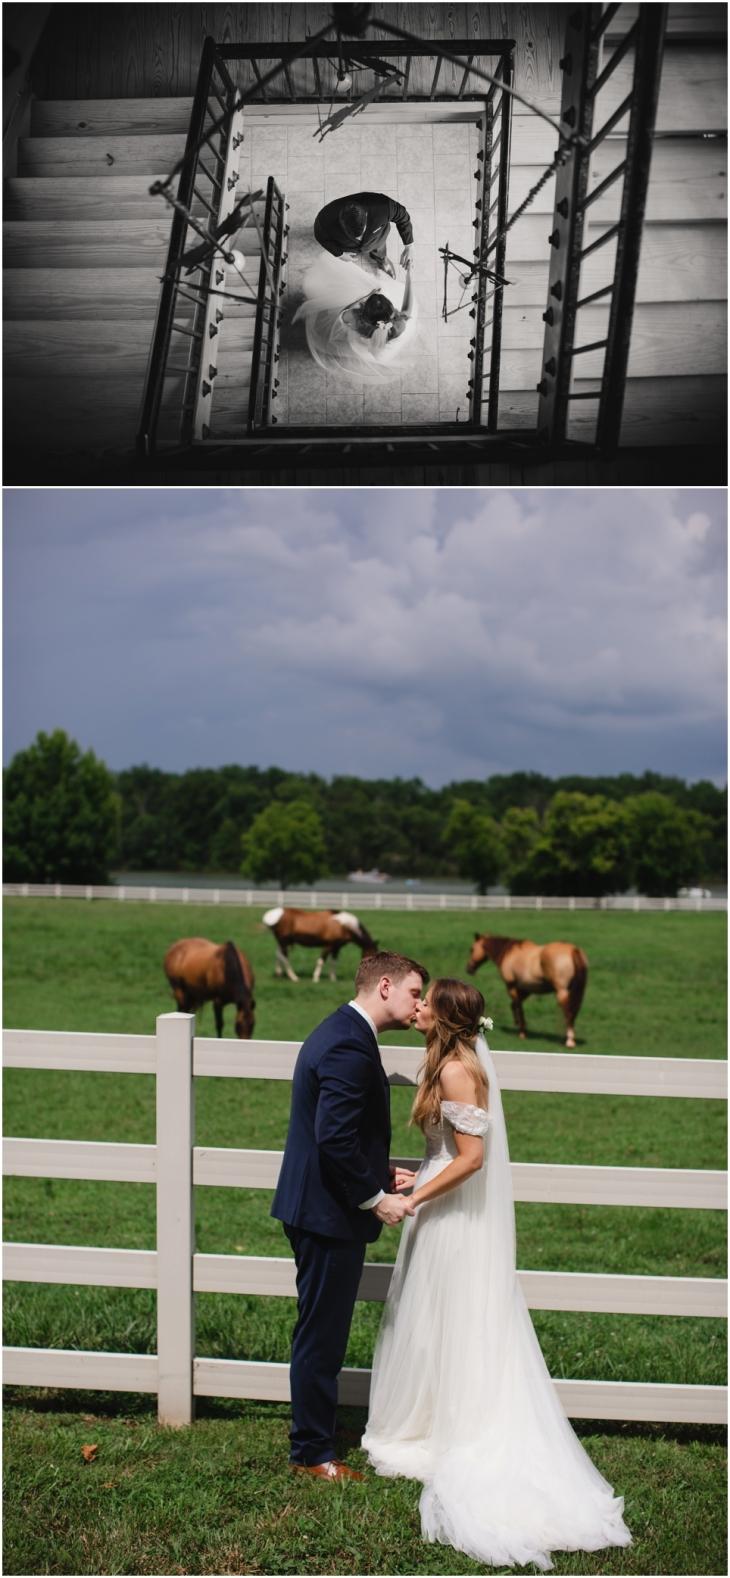 Marblegate Farm Wedding Venue